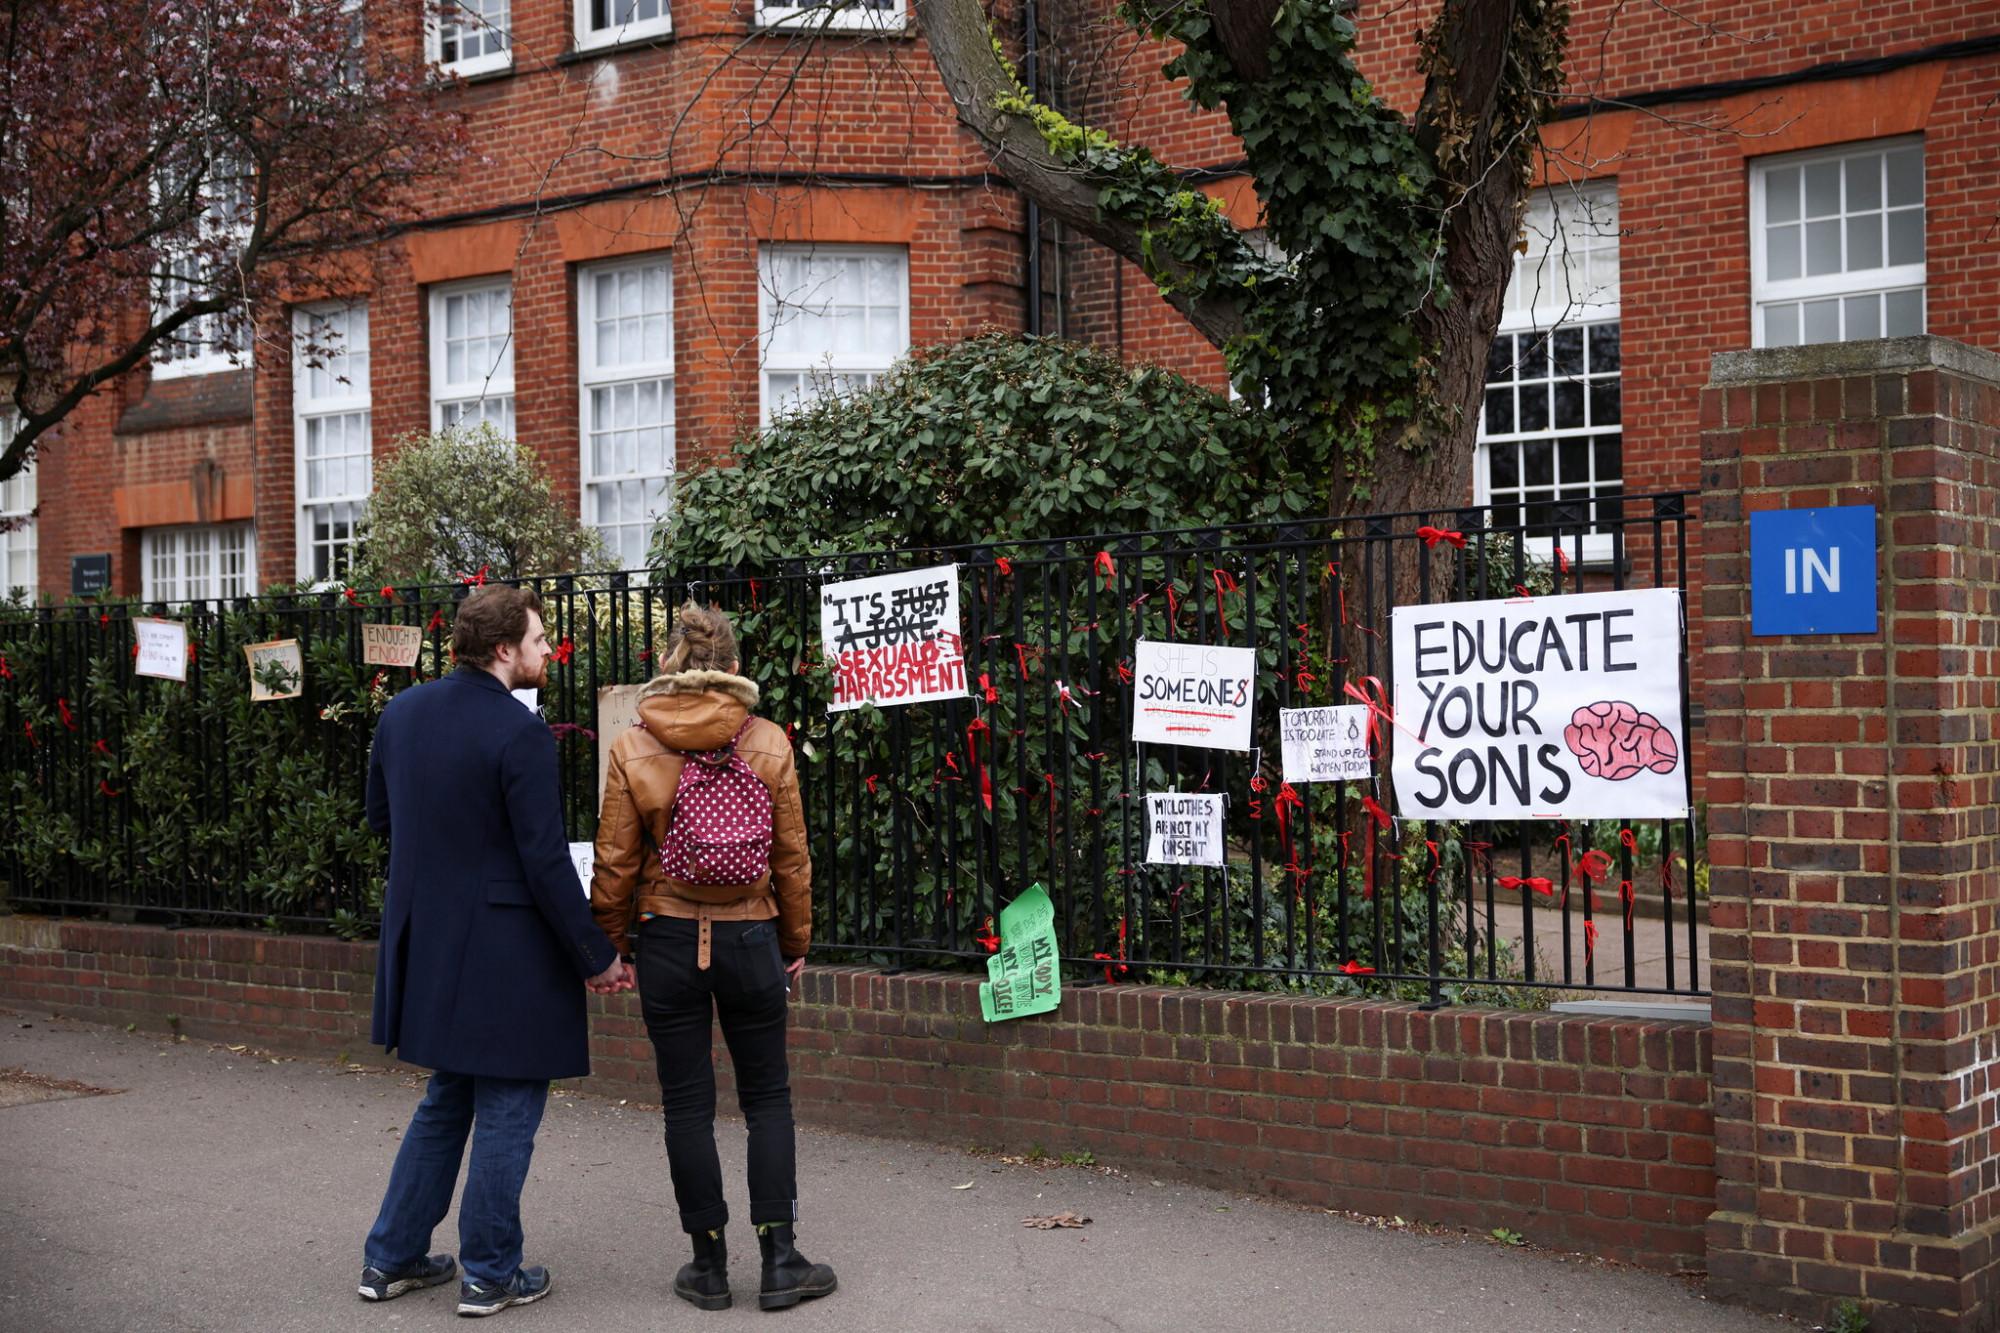 Các chuyên gia cho rằng, vấn nạn quấy rối tình dục trong trường học ở Anh là nghiêm trọng và cần có giải pháp cụ thể để giải quyết - Ảnh: Henry Nicholls/Reuters